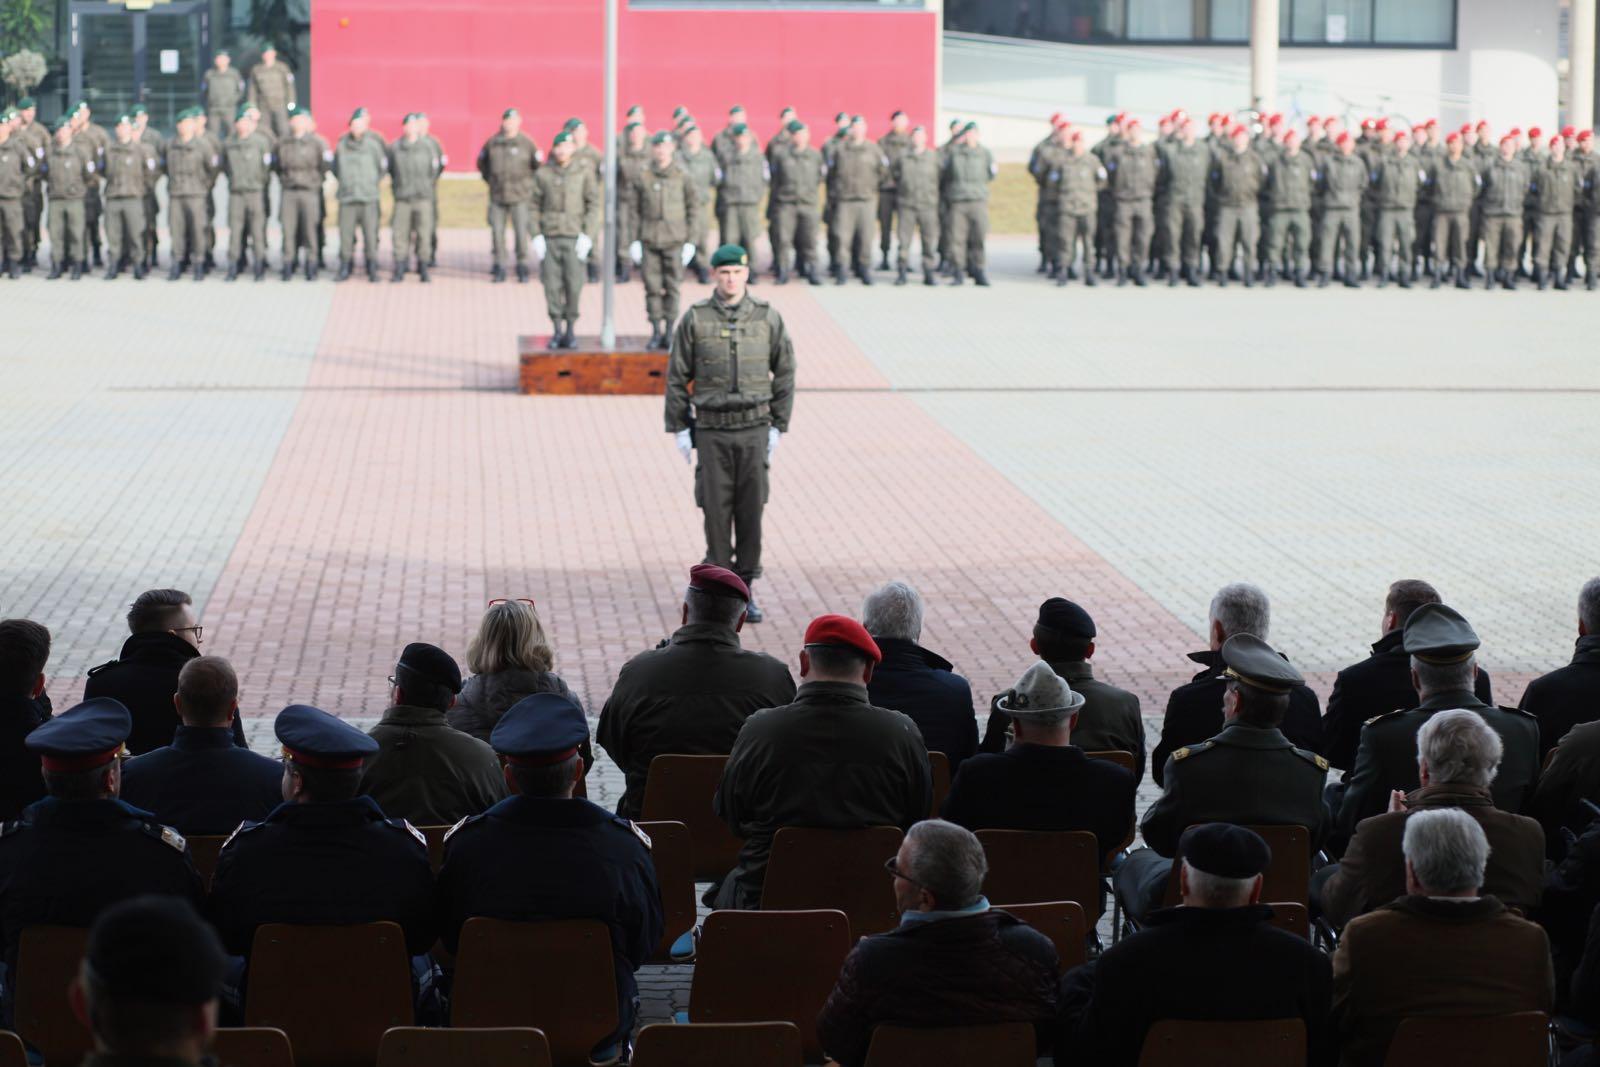 2019_02_08_5Gardekompanie_KPE_EUFOR30_Verabschiedung - 33 of 61